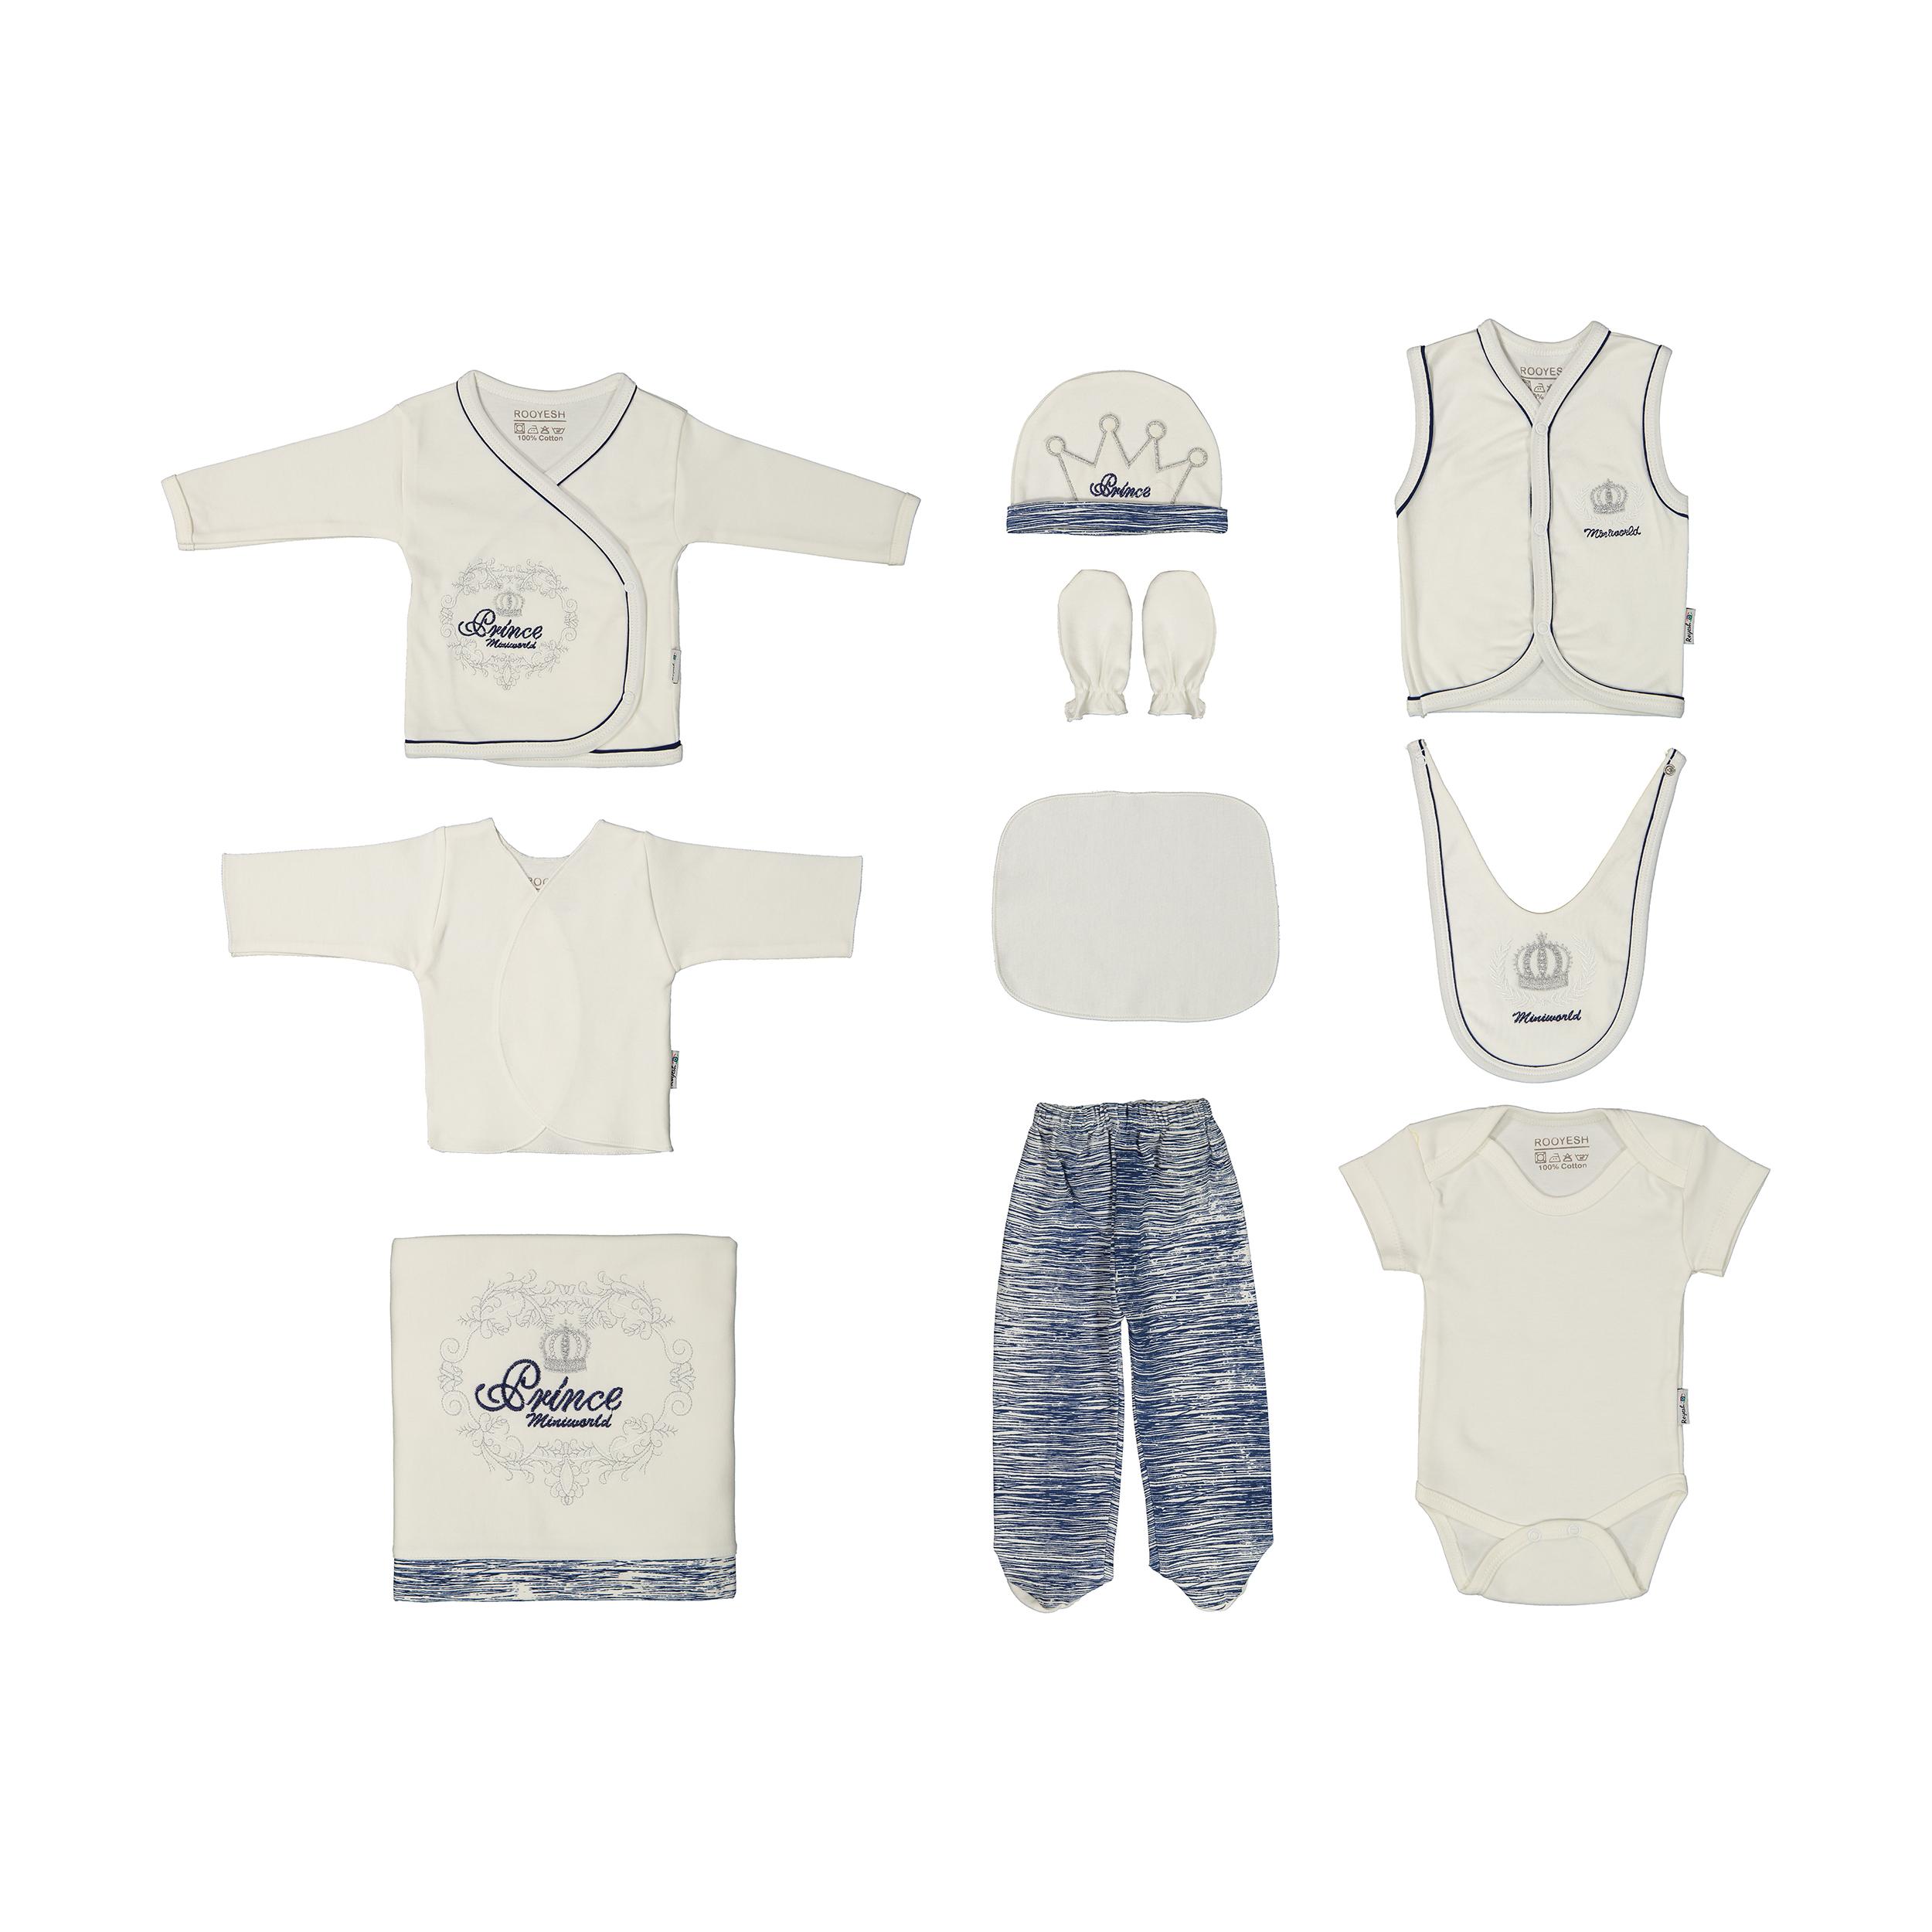 ست 10 تکه لباس نوزاد رویش کد 1